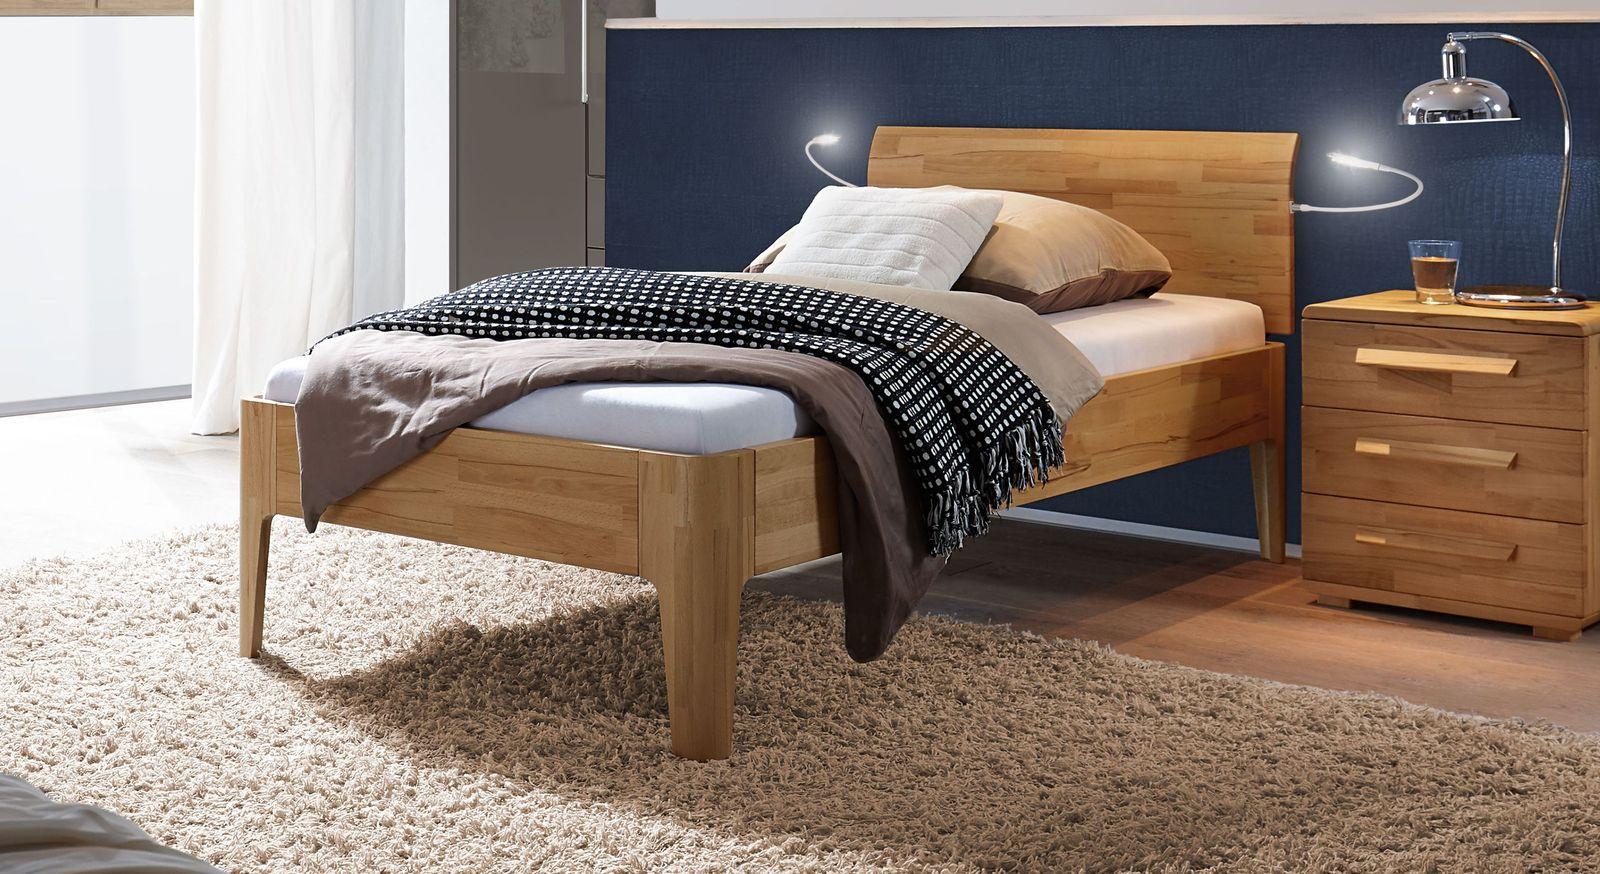 Komfort-Einzelbett Baleira aus massiver Kernbuche